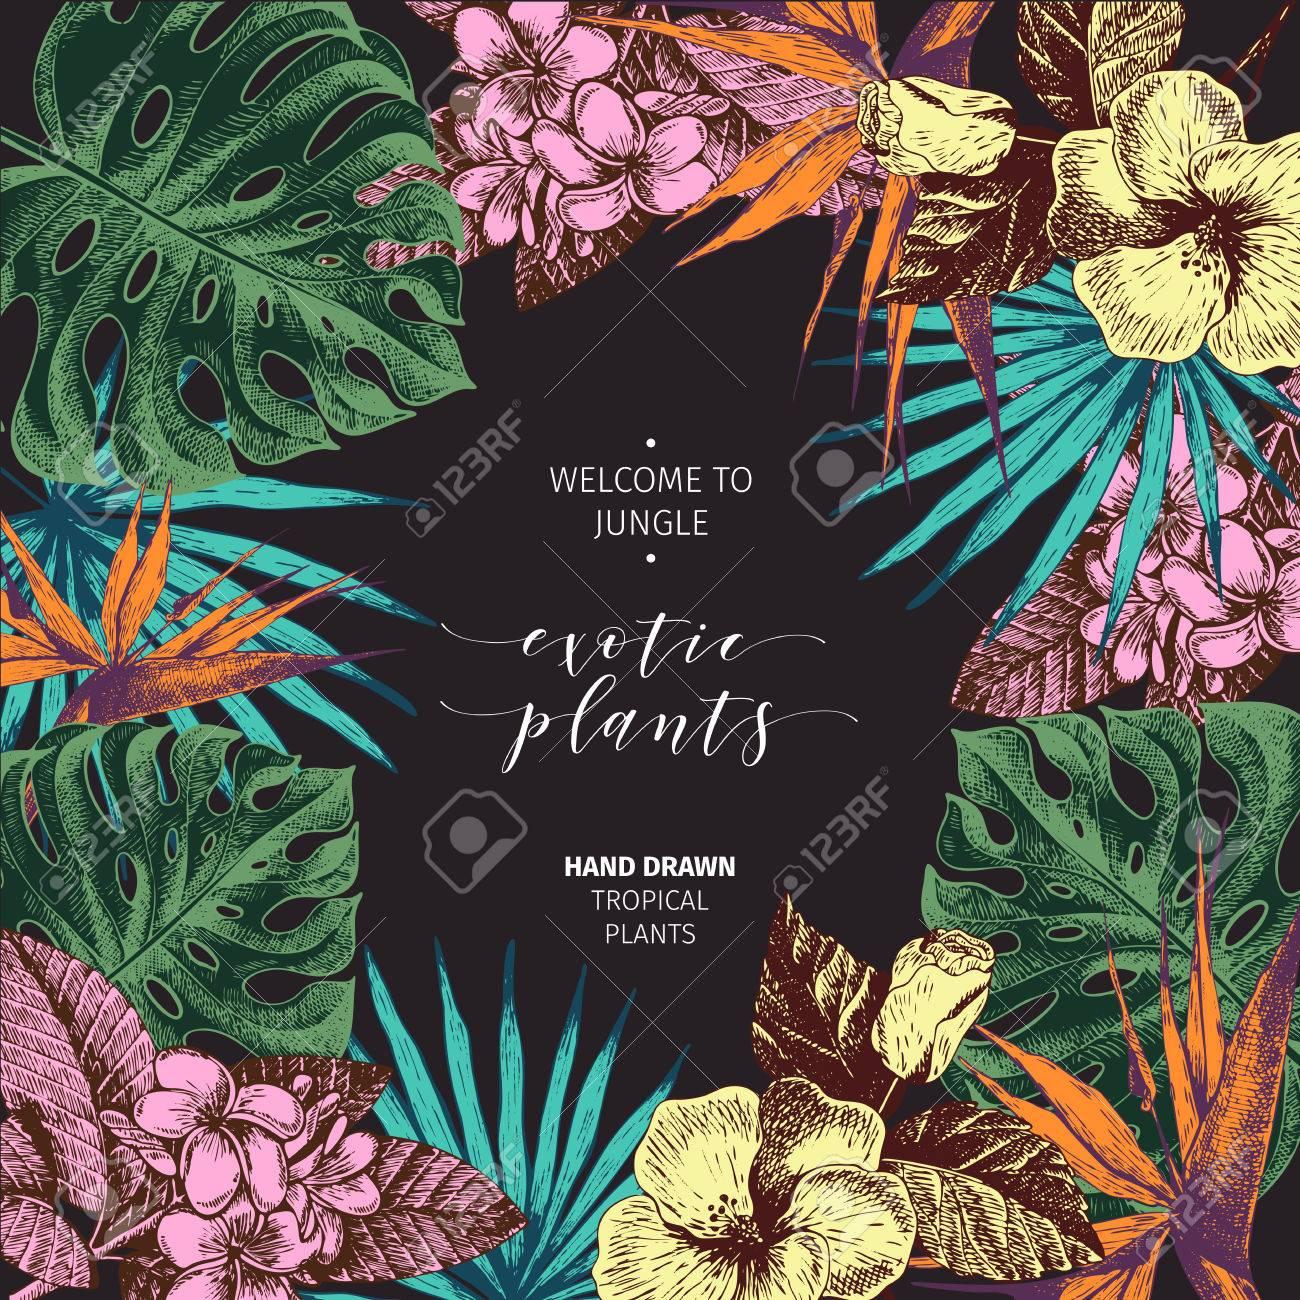 Vecotr Hand Gezeichnete Tropische Pflanzen Poster. Exotische ...